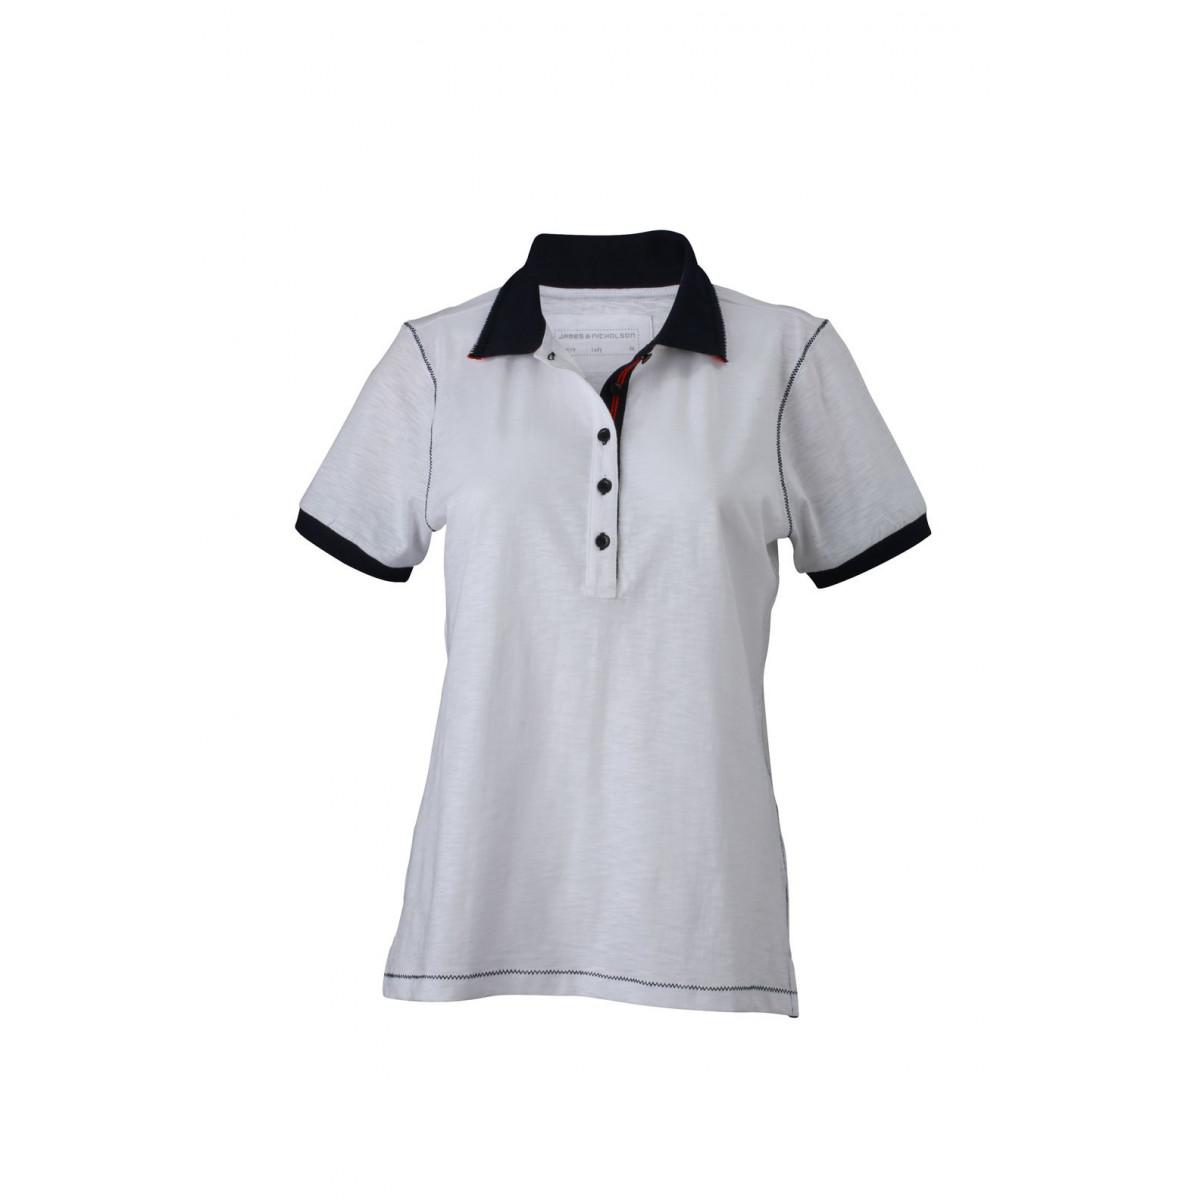 Рубашка поло женская JN979 Ladies Urban Polo - Белый/Темно-синий